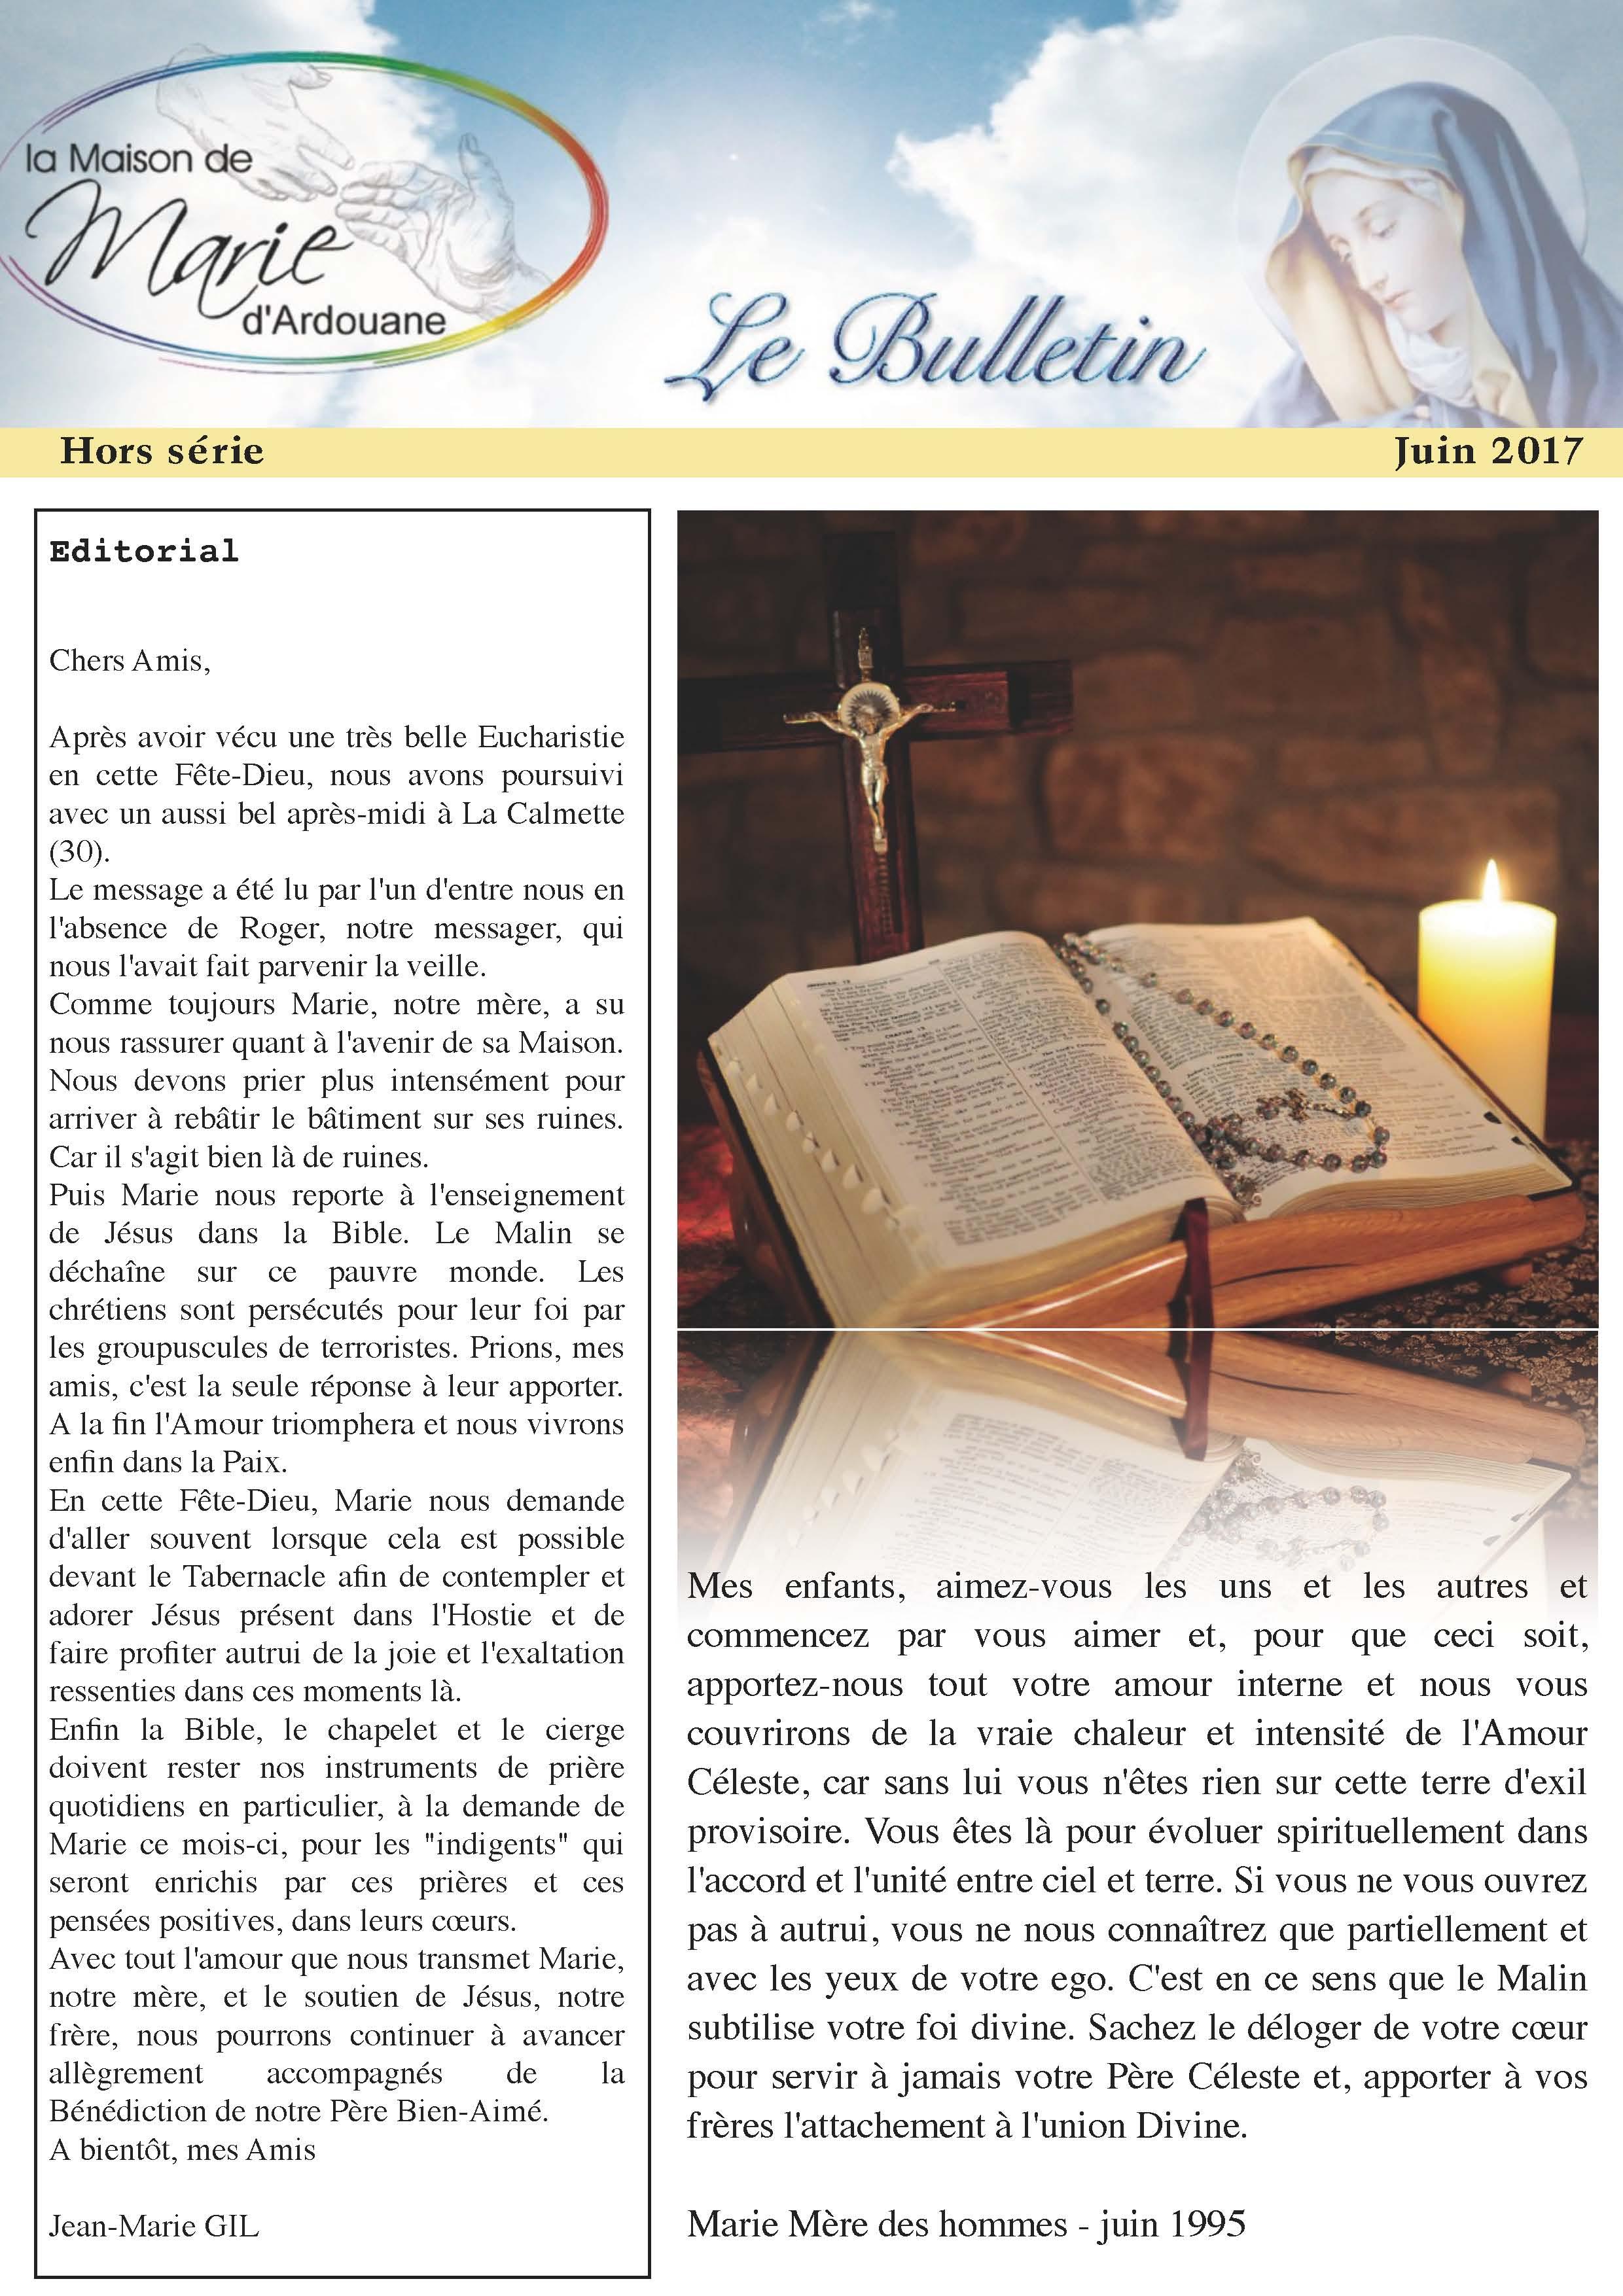 Télécharger le bulletin au format PDF